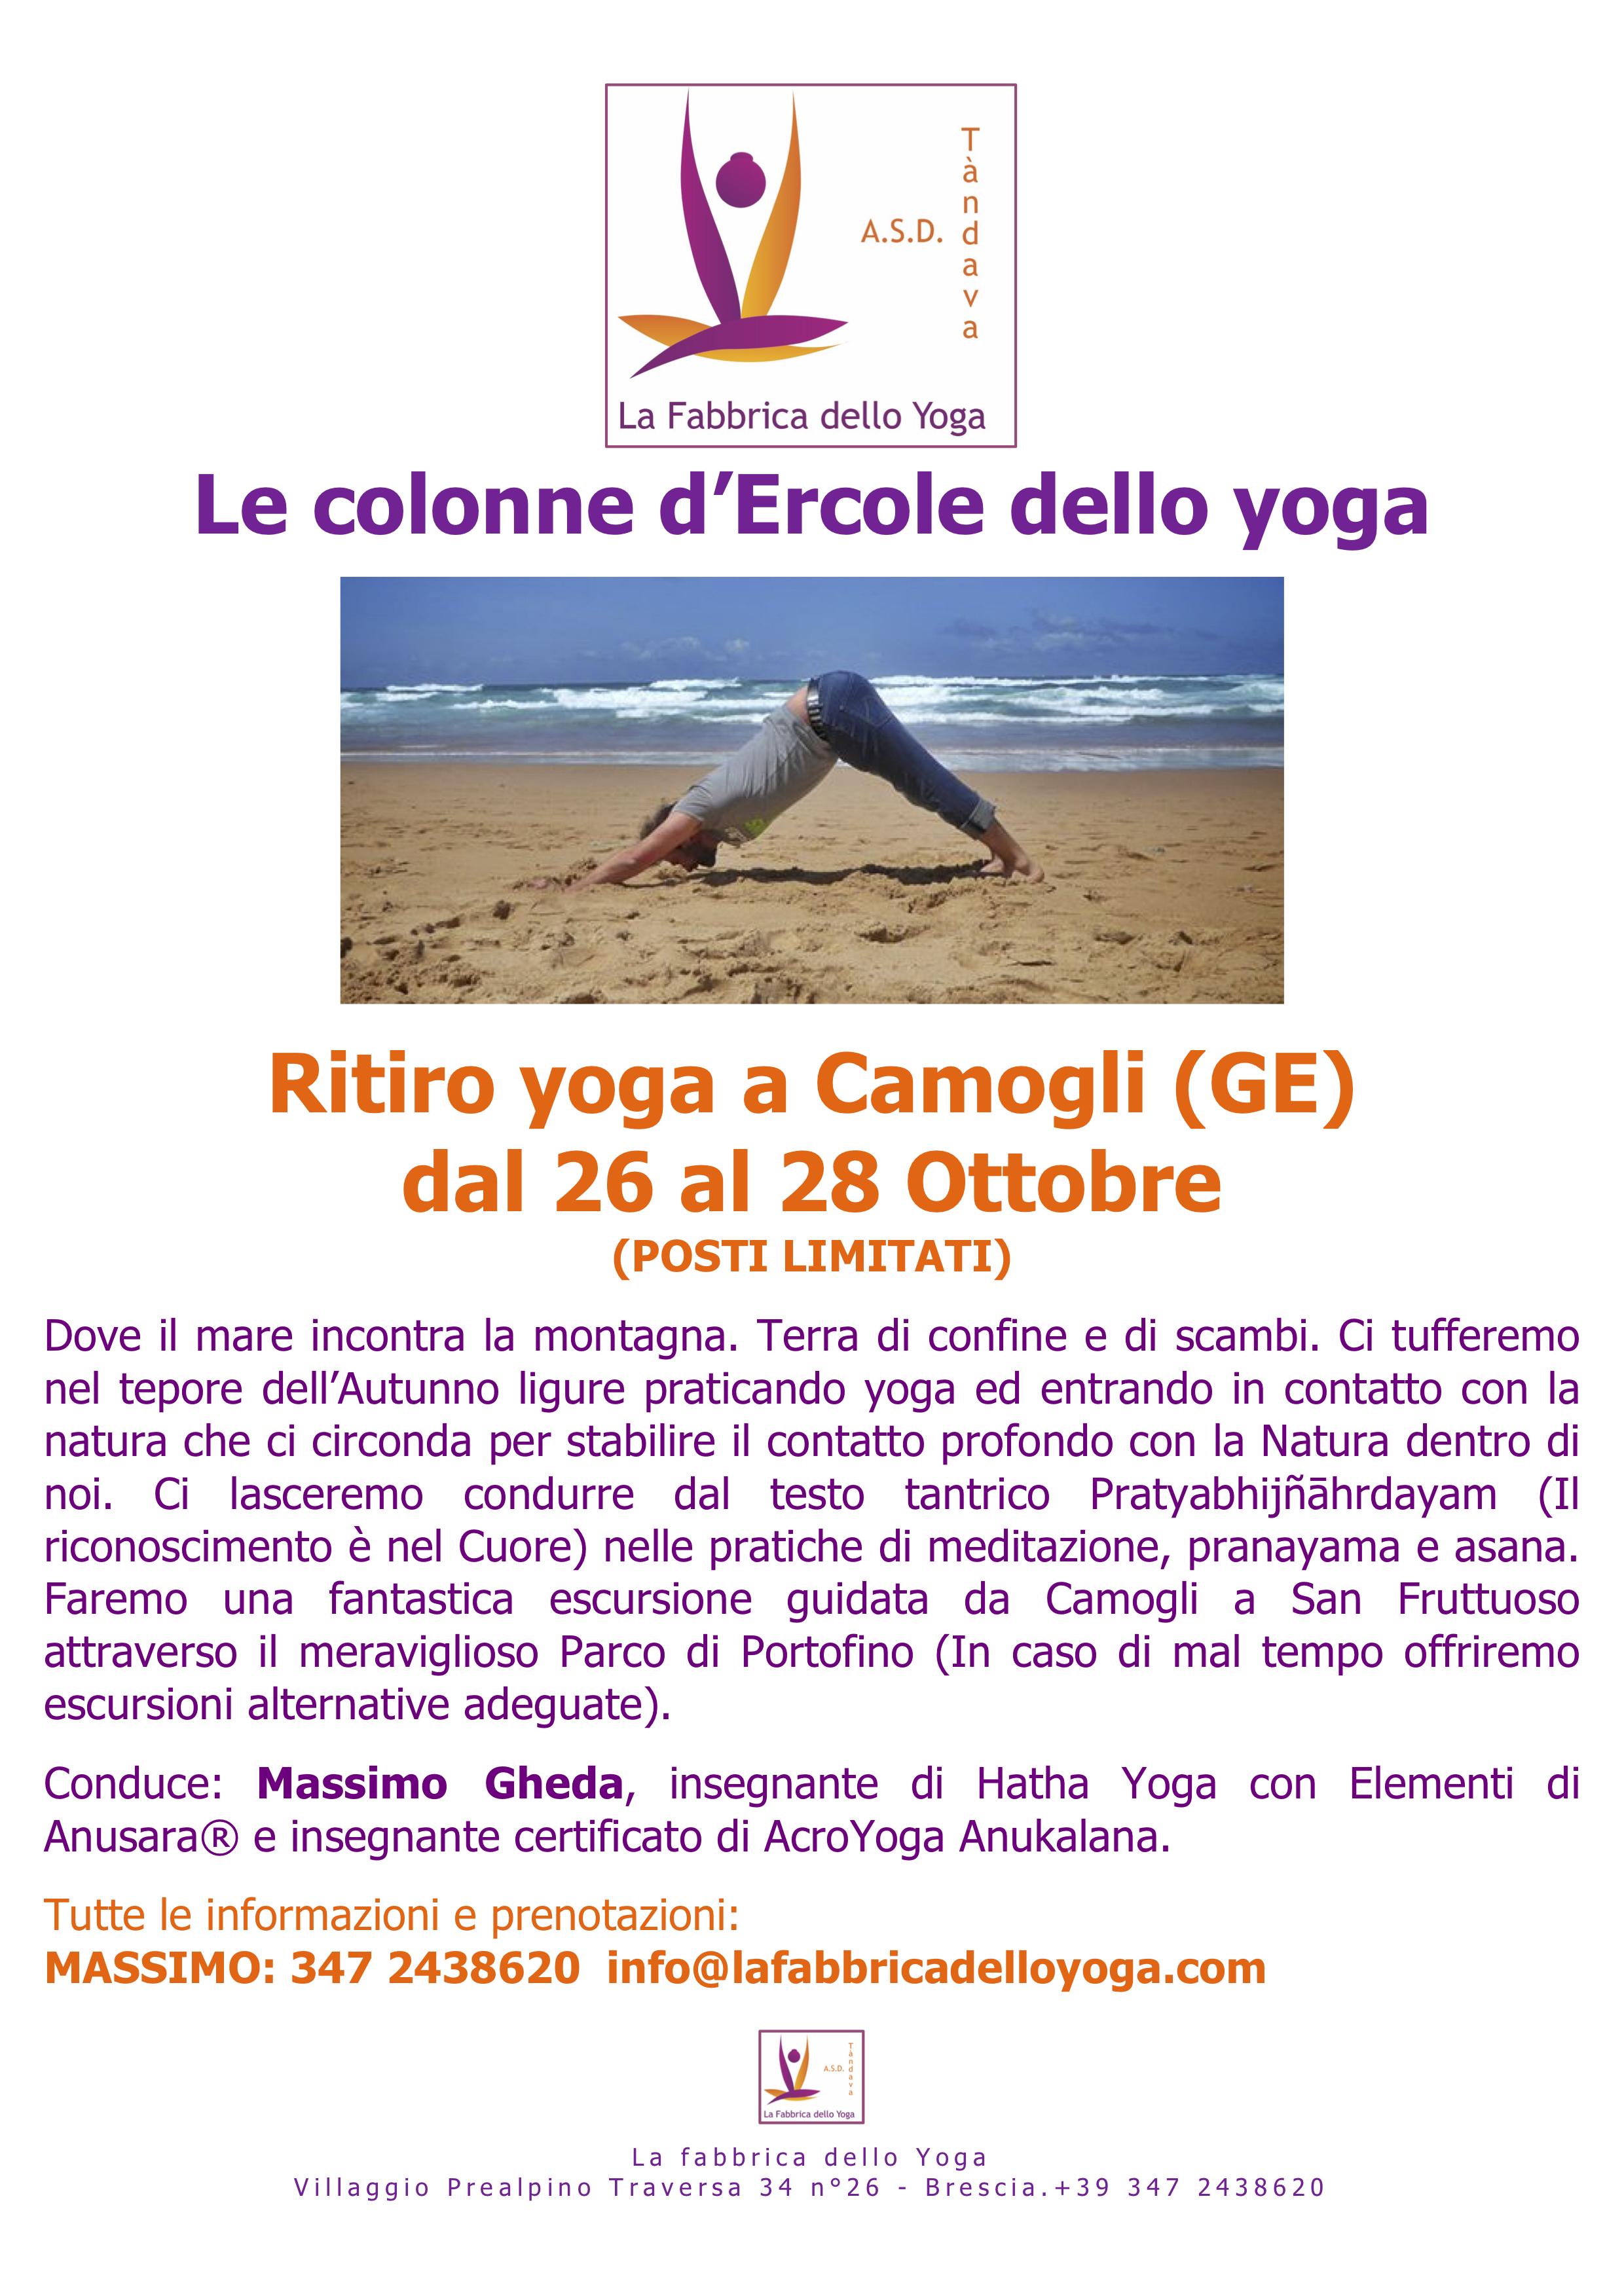 YOGA CAMOGLI - COLONNE D'ERCOLE